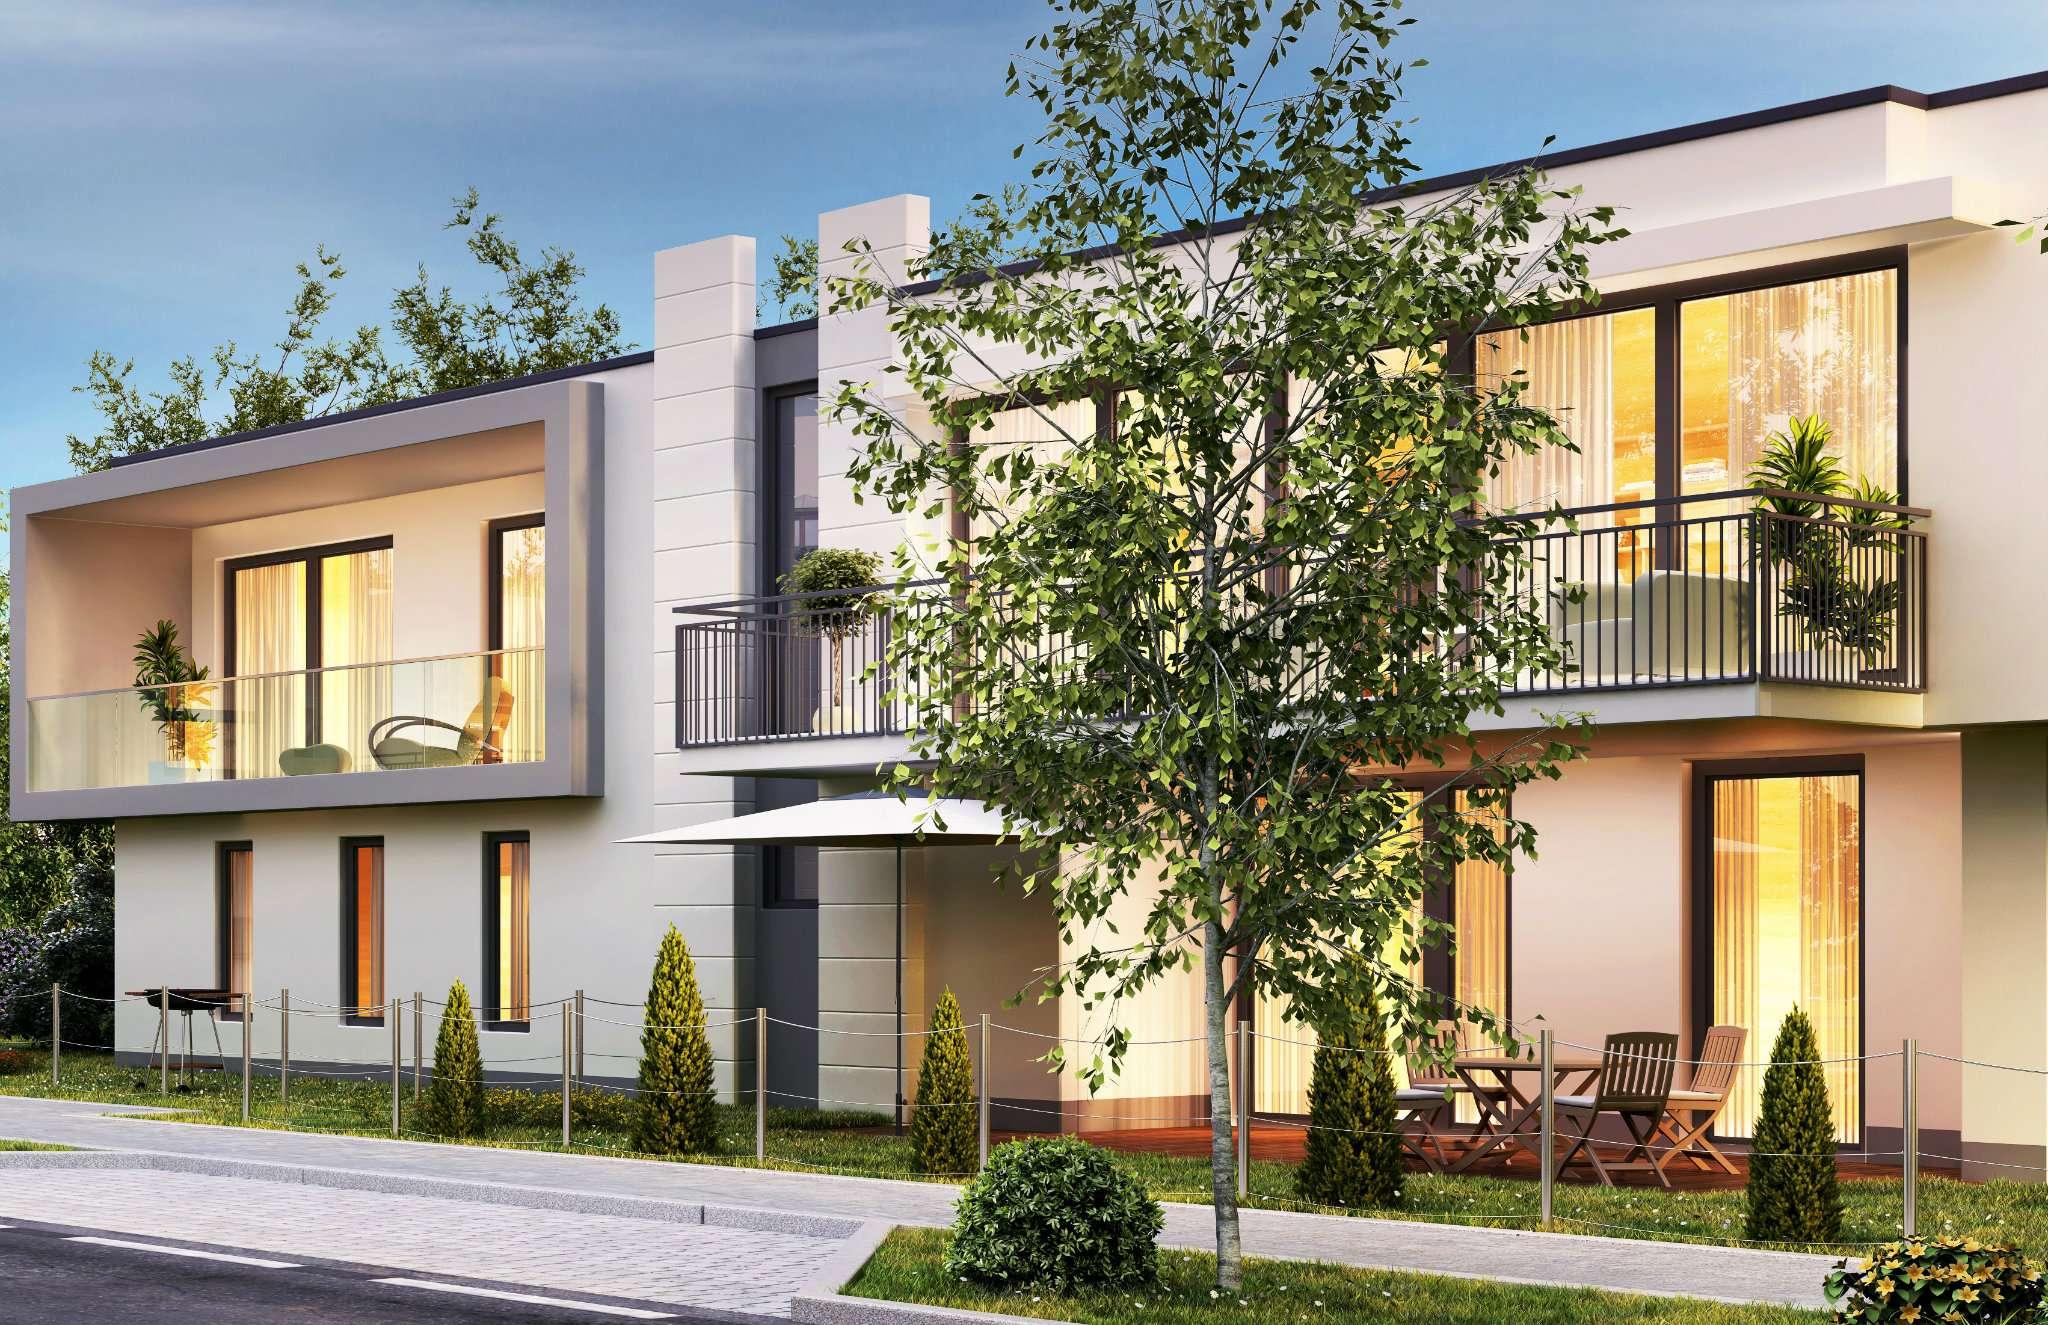 maisonette di nuova costruzione con ingresso indipendente e giardino di proprietà